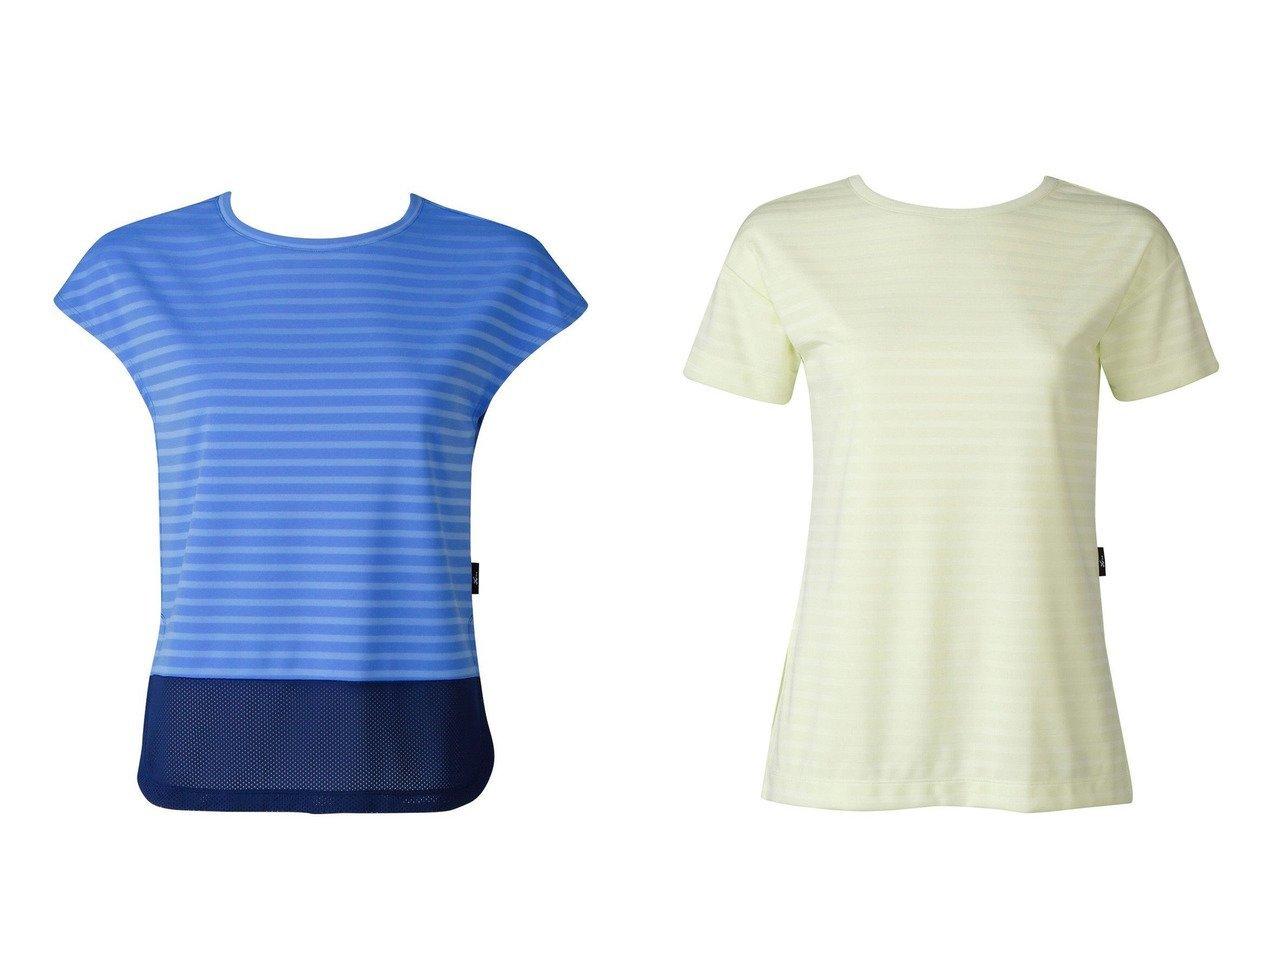 【CW-X/シーダブリューエックス】の【WOMEN】YOGAアウター Tシャツ 半袖ワコール&【WOMEN】YOGAアウター ロングTシャツ 半袖ワコール スポーツウェア・ヨガ・運動・ダイエットグッズなどのおすすめ!人気トレンド・ファッション通販 おすすめで人気の流行・トレンド、ファッションの通販商品 インテリア・家具・メンズファッション・キッズファッション・レディースファッション・服の通販 founy(ファニー) https://founy.com/ ファッション Fashion レディースファッション WOMEN アウター Coat Outerwear トップス・カットソー Tops/Tshirt シャツ/ブラウス Shirts/Blouses ロング / Tシャツ T-Shirts 送料無料 Free Shipping スリーブ トレンド フレンチ メッシュ 半袖 |ID:crp329100000041130